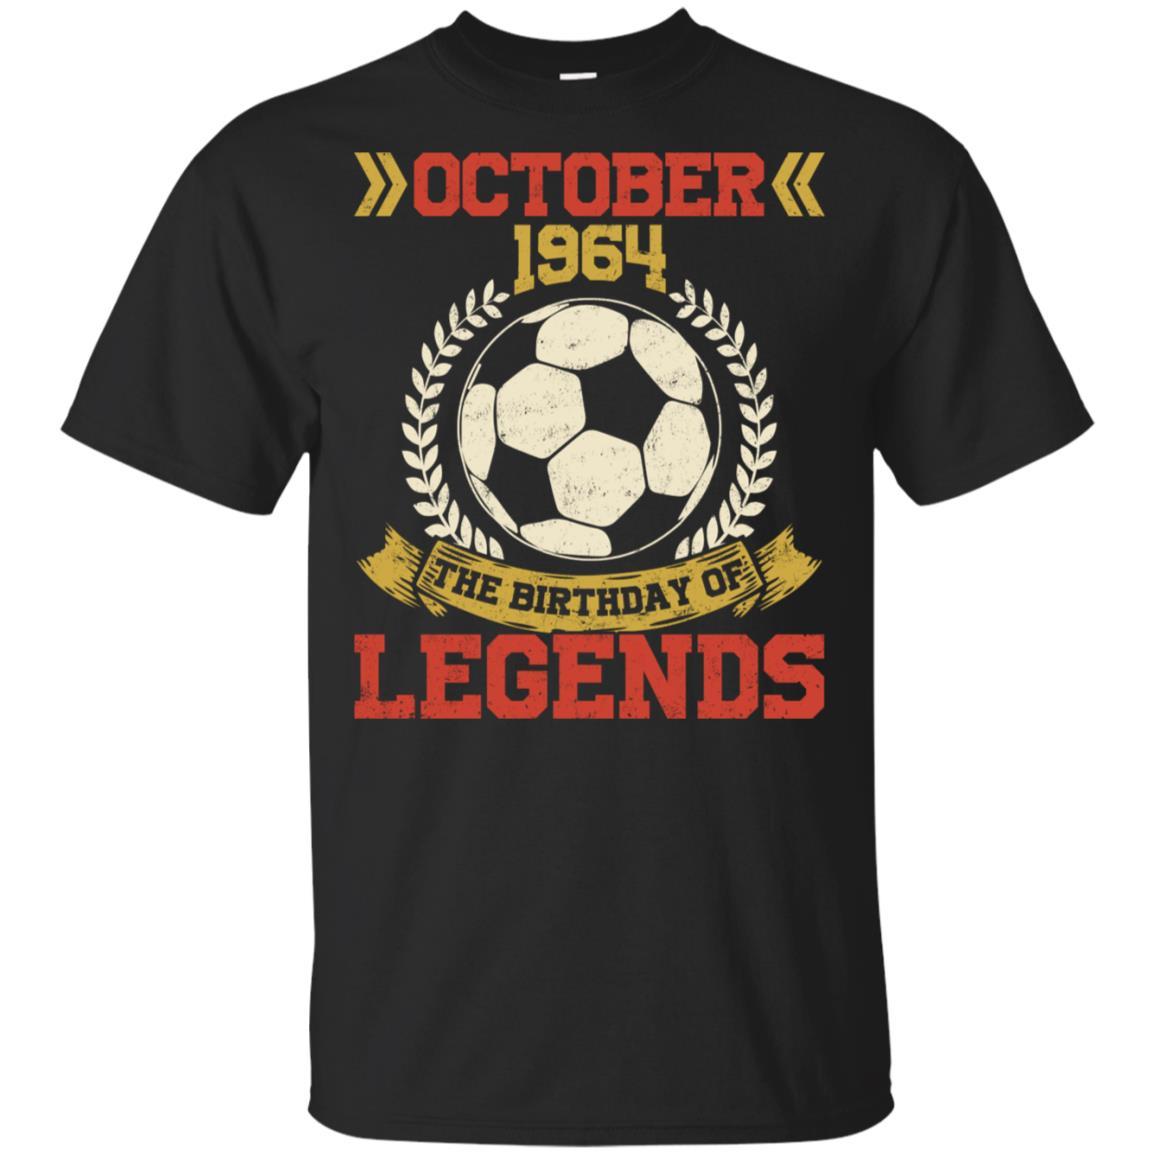 1964 October 54th Birthday Of Football Soccer Legend Unisex Short Sleeve